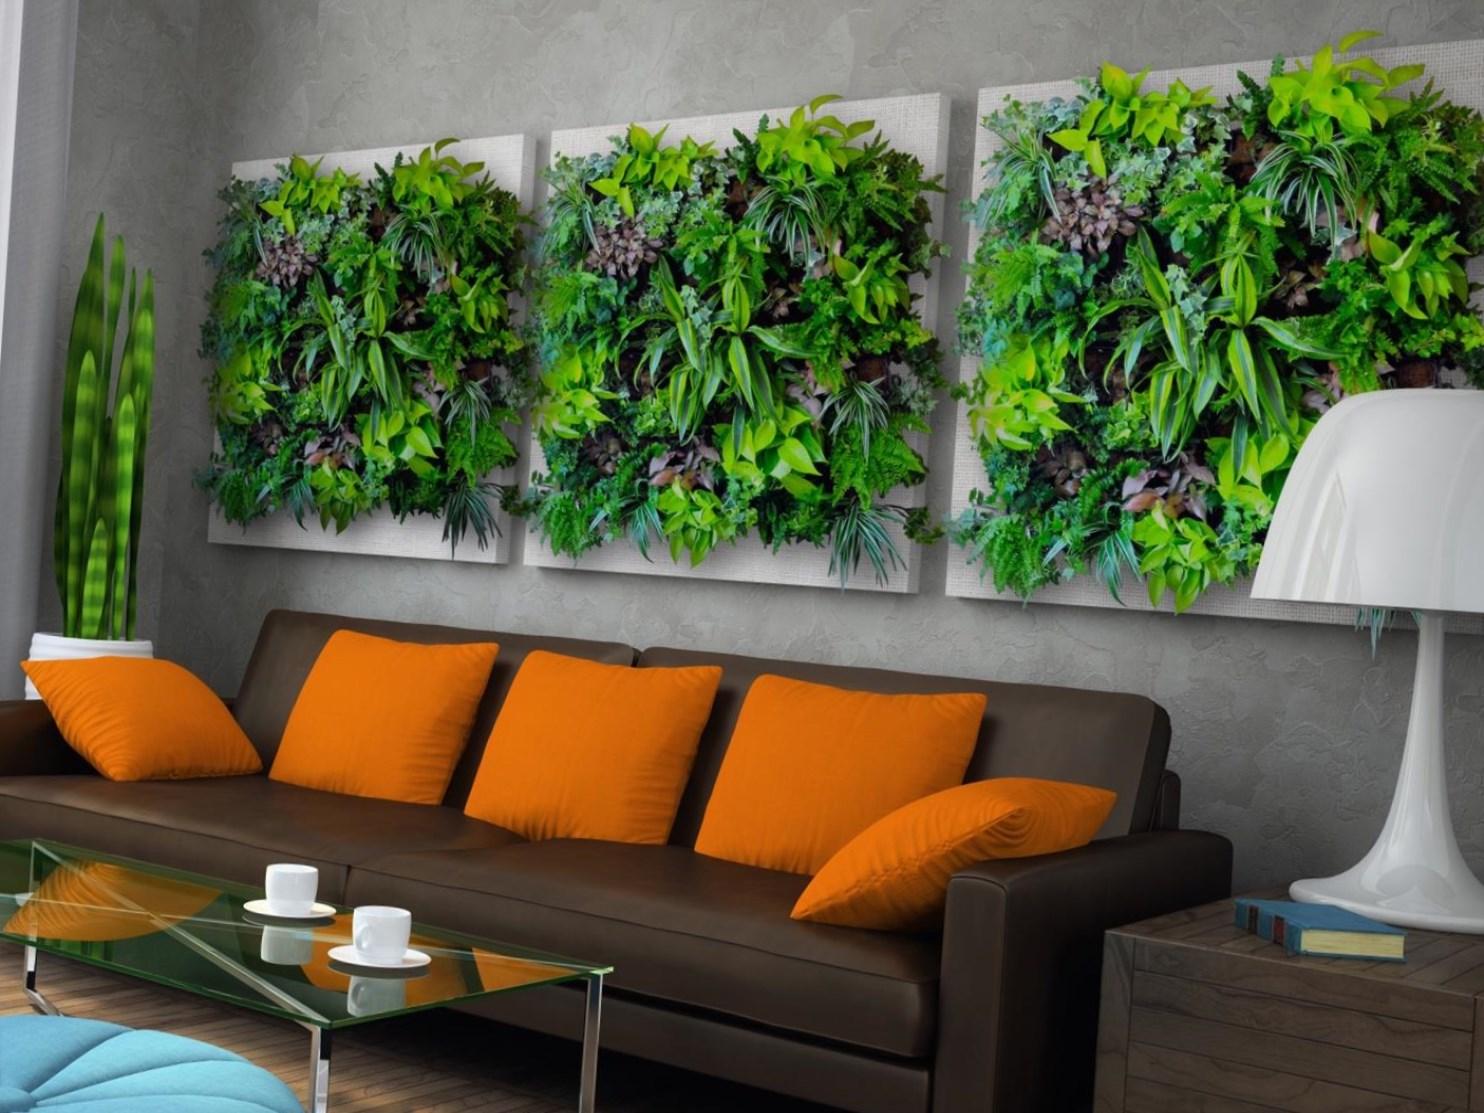 [Растения в доме] Фитостены: варианты, советы, фото